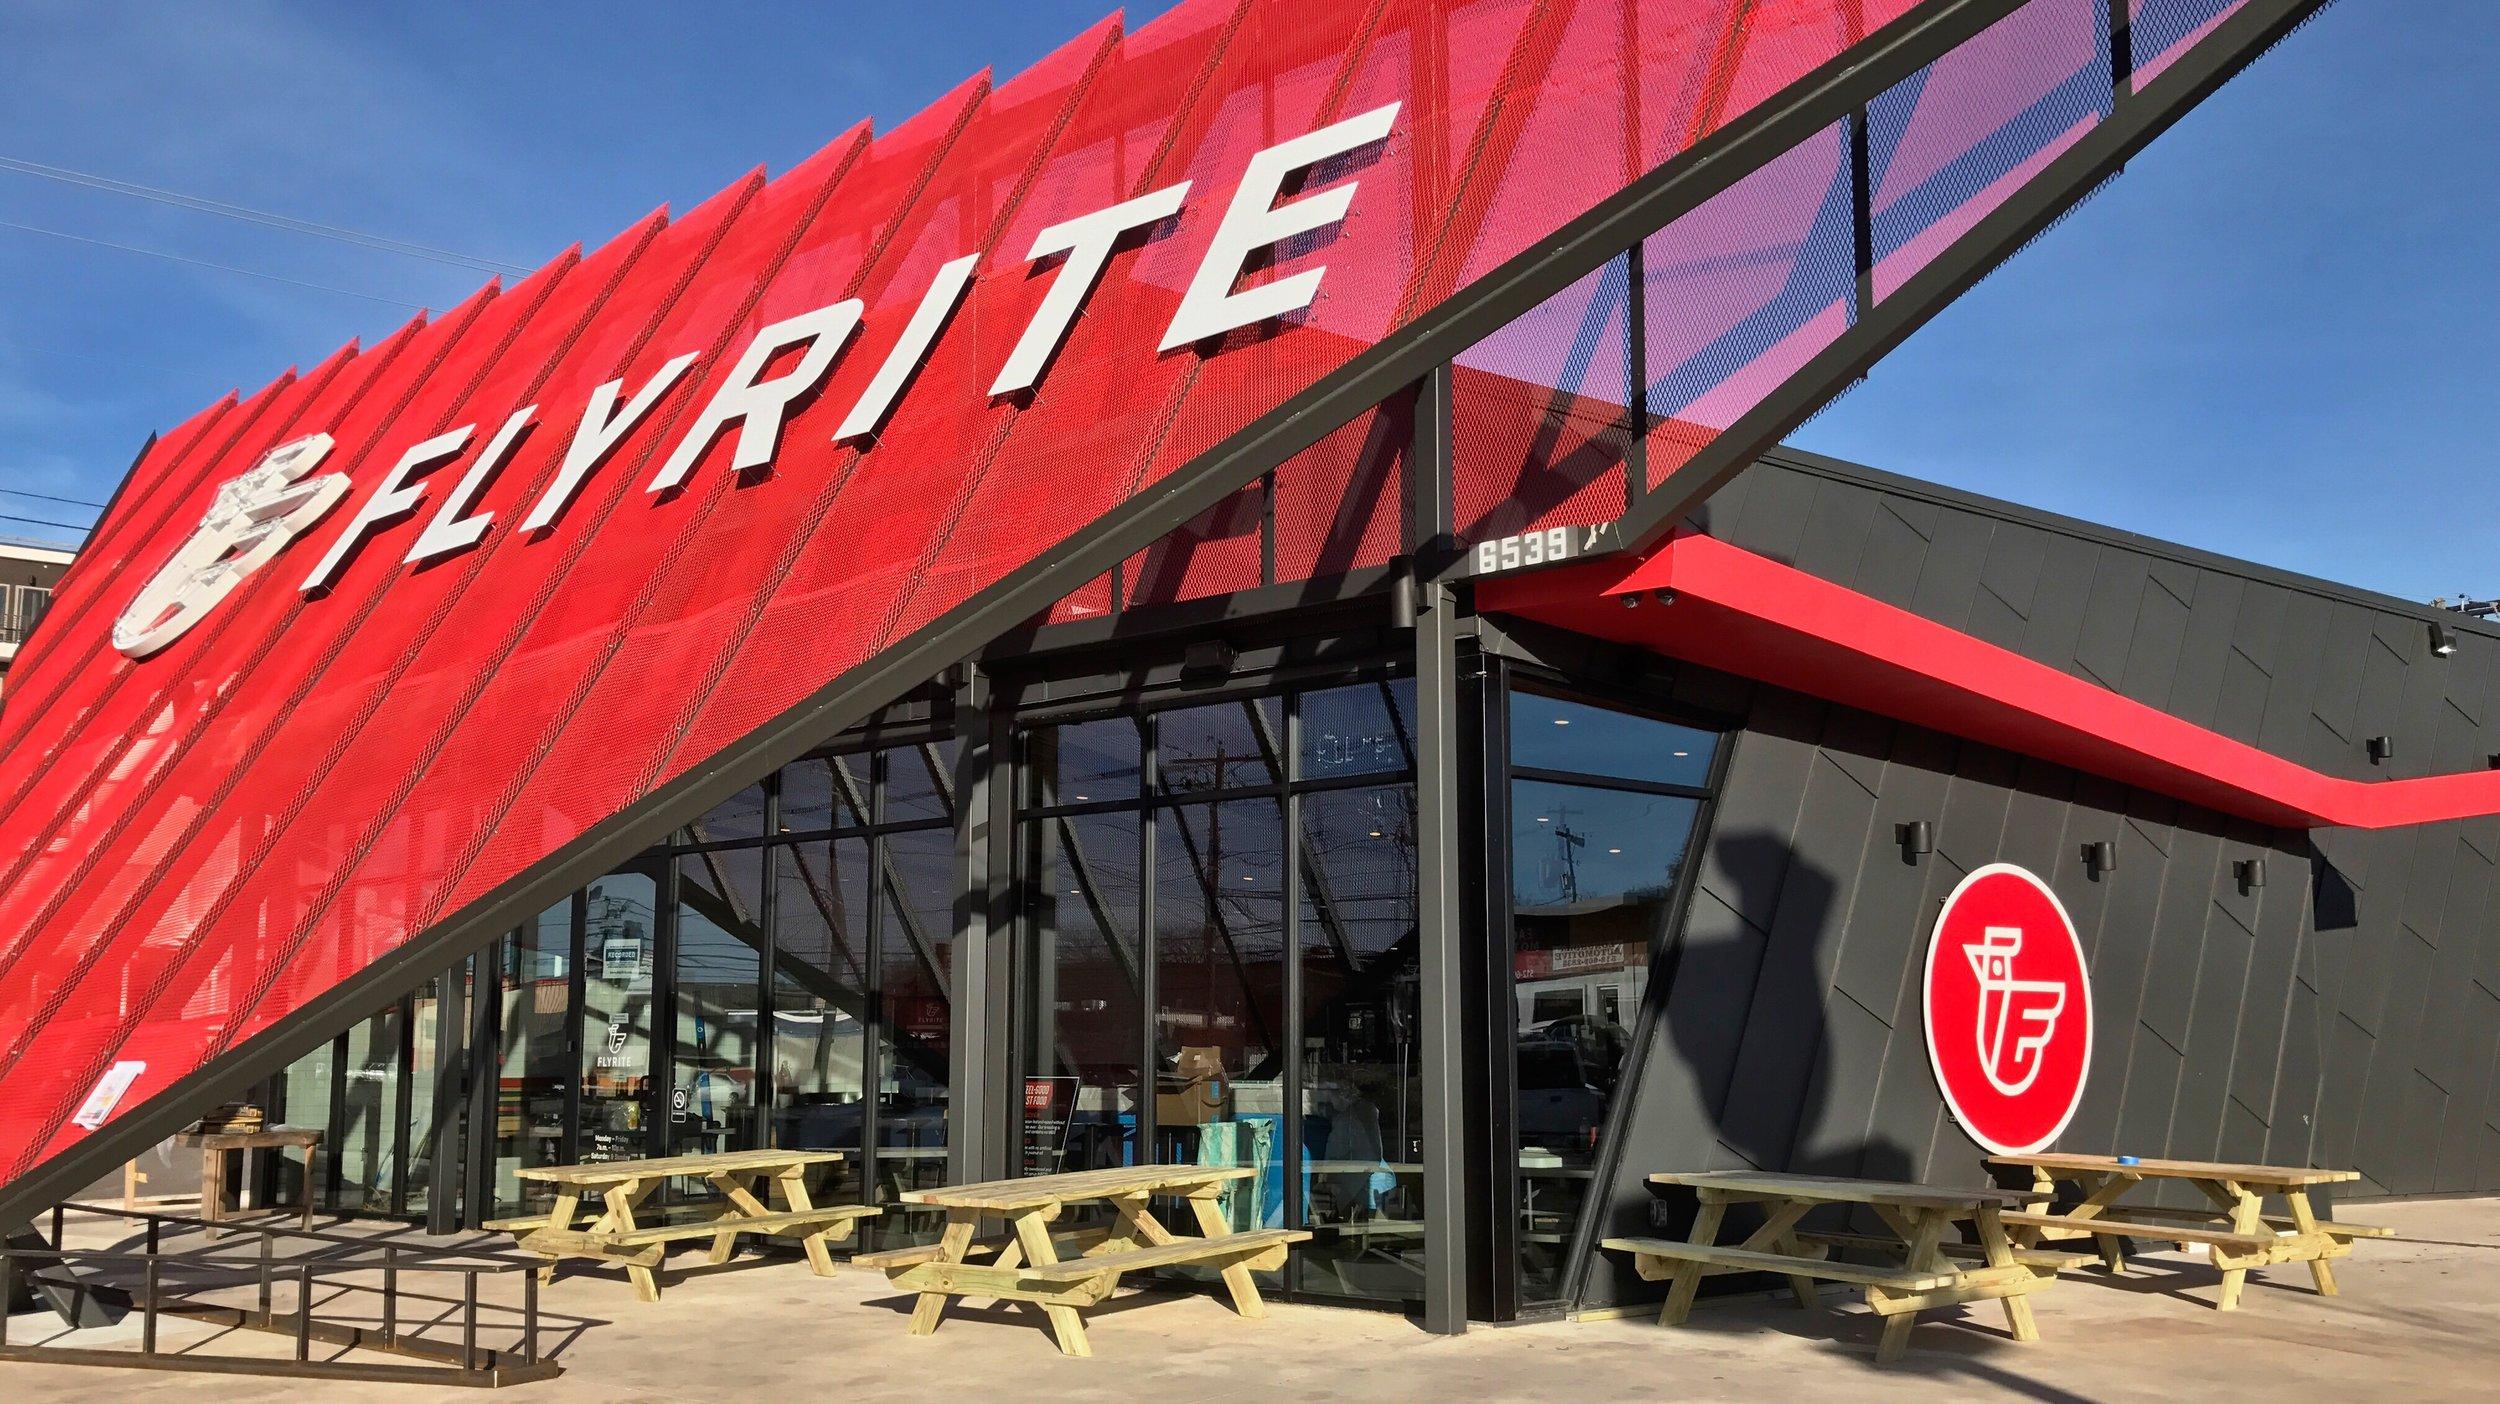 Exterior of FlyRite |  Flyrite Chicken